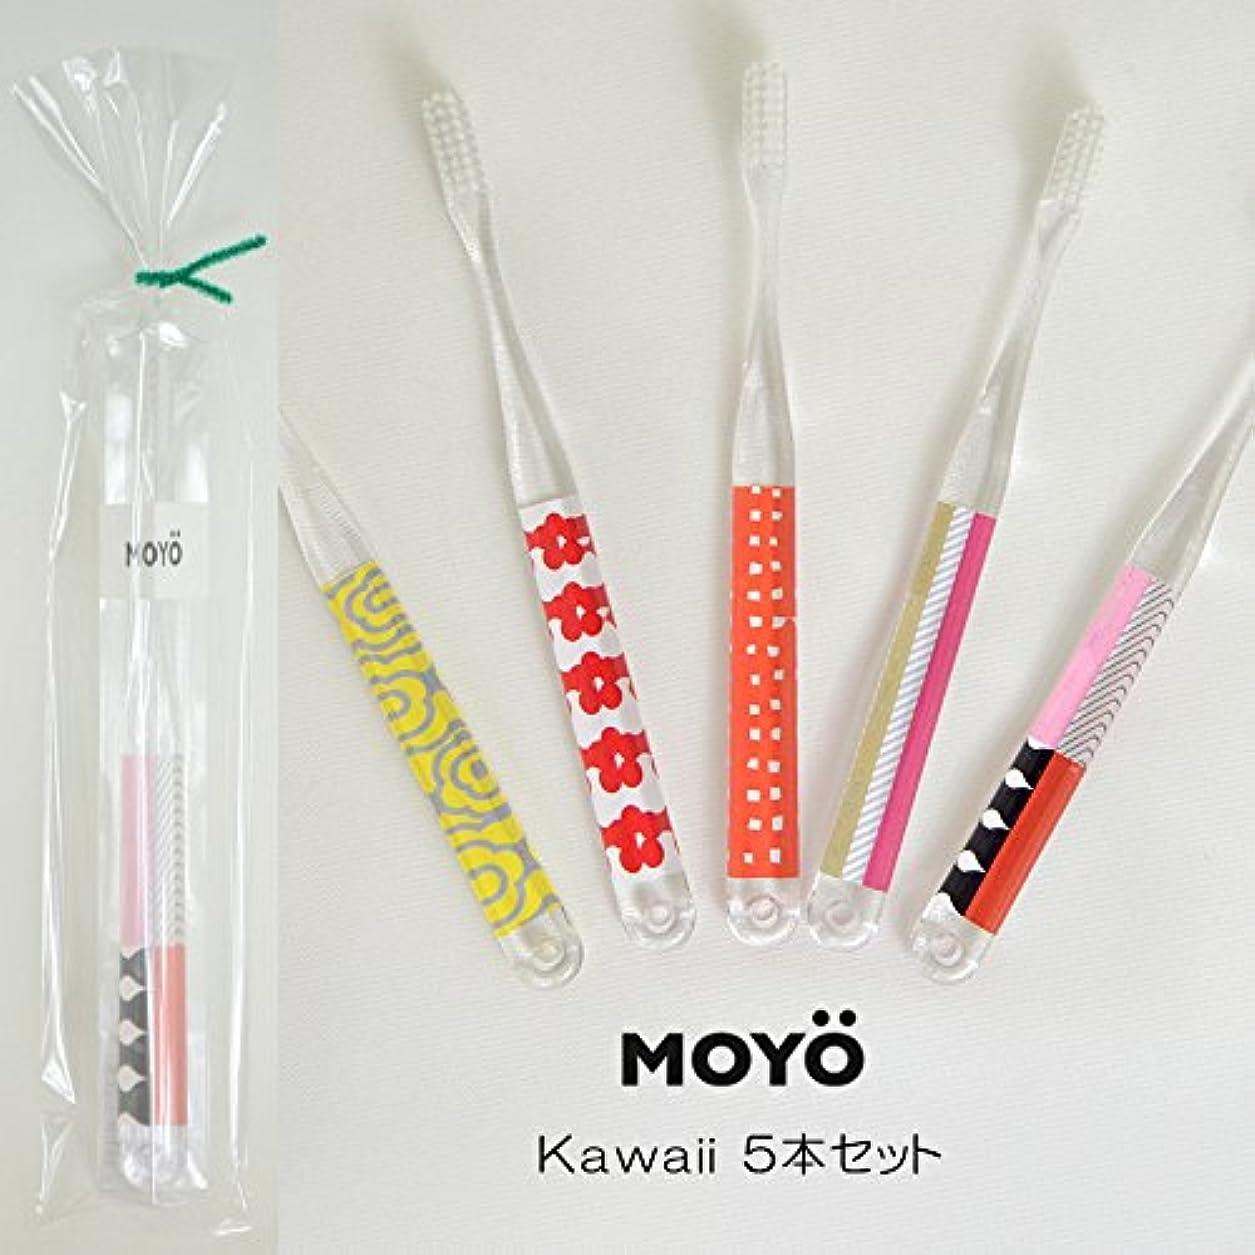 集中翻訳する前進MOYO モヨウ 歯ブラシ kawaii5本 プチ ギフト セット_562302-kawaii 【F】,kawaii5本セット